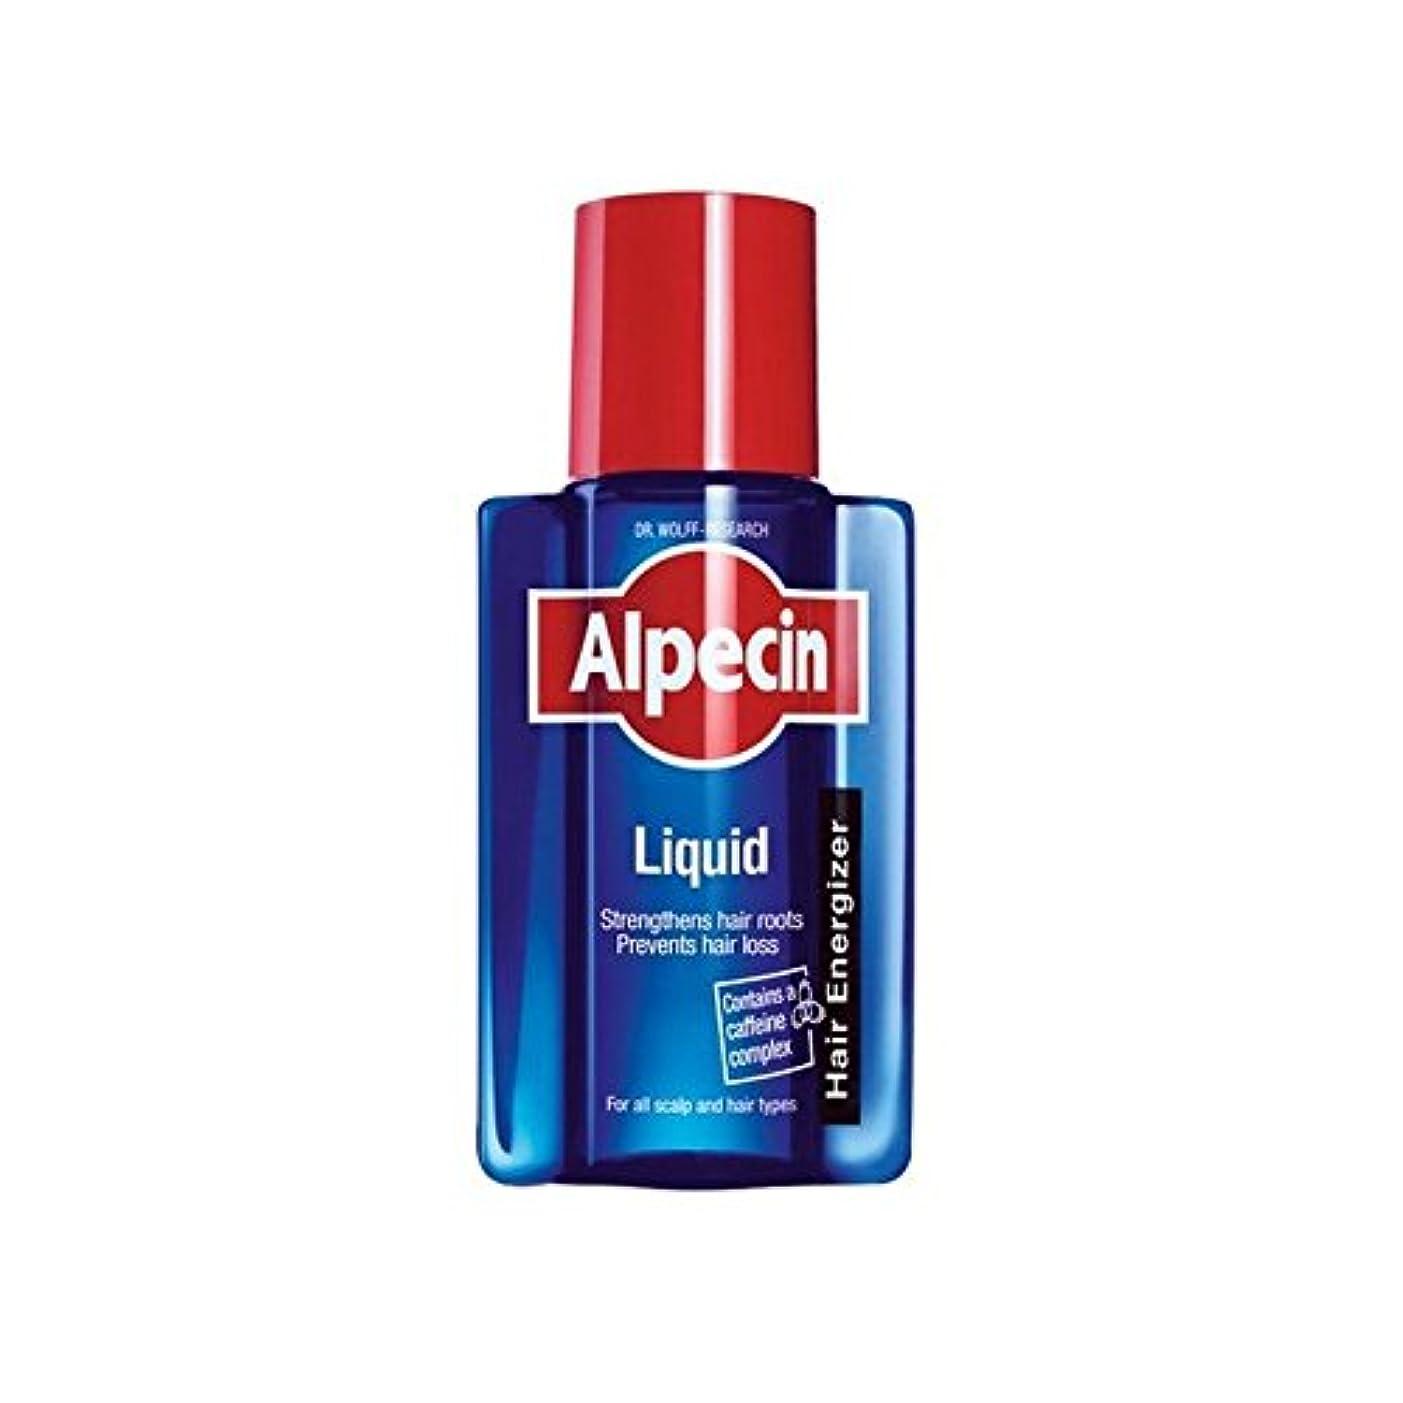 たくさんの強盗どこ液体(200)中 x2 - Alpecin Liquid (200ml) (Pack of 2) [並行輸入品]